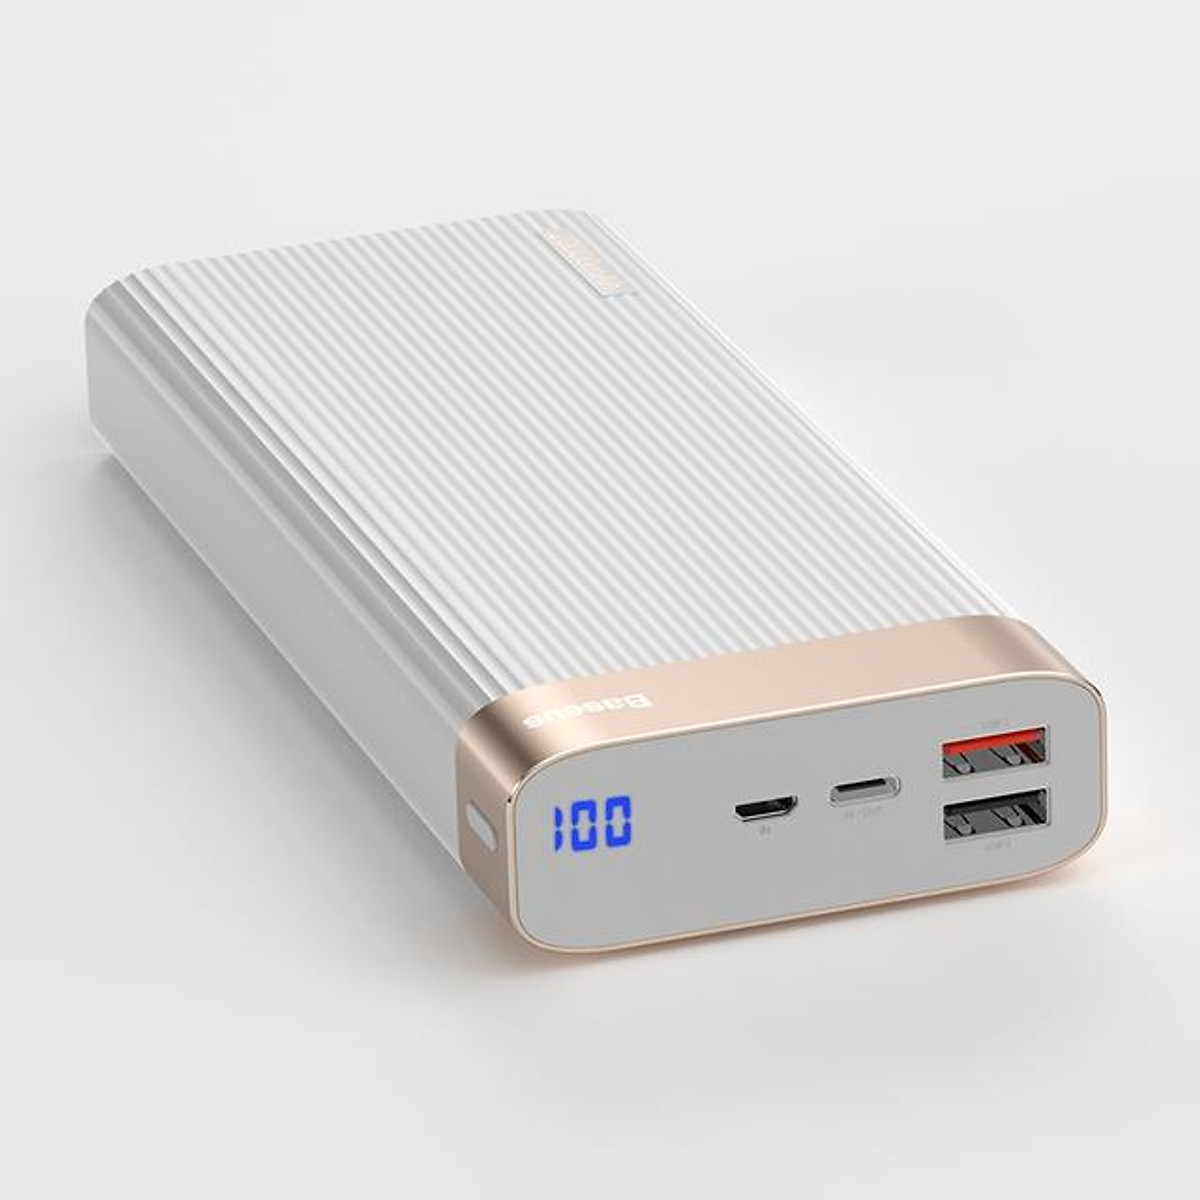 Pin sạc dự phòng - Sạc nhanh 3.0/ PD/ Power Delivery 18W/ công suất 20000 mAh - Baseus Parallel - Hàng Chính Hãng